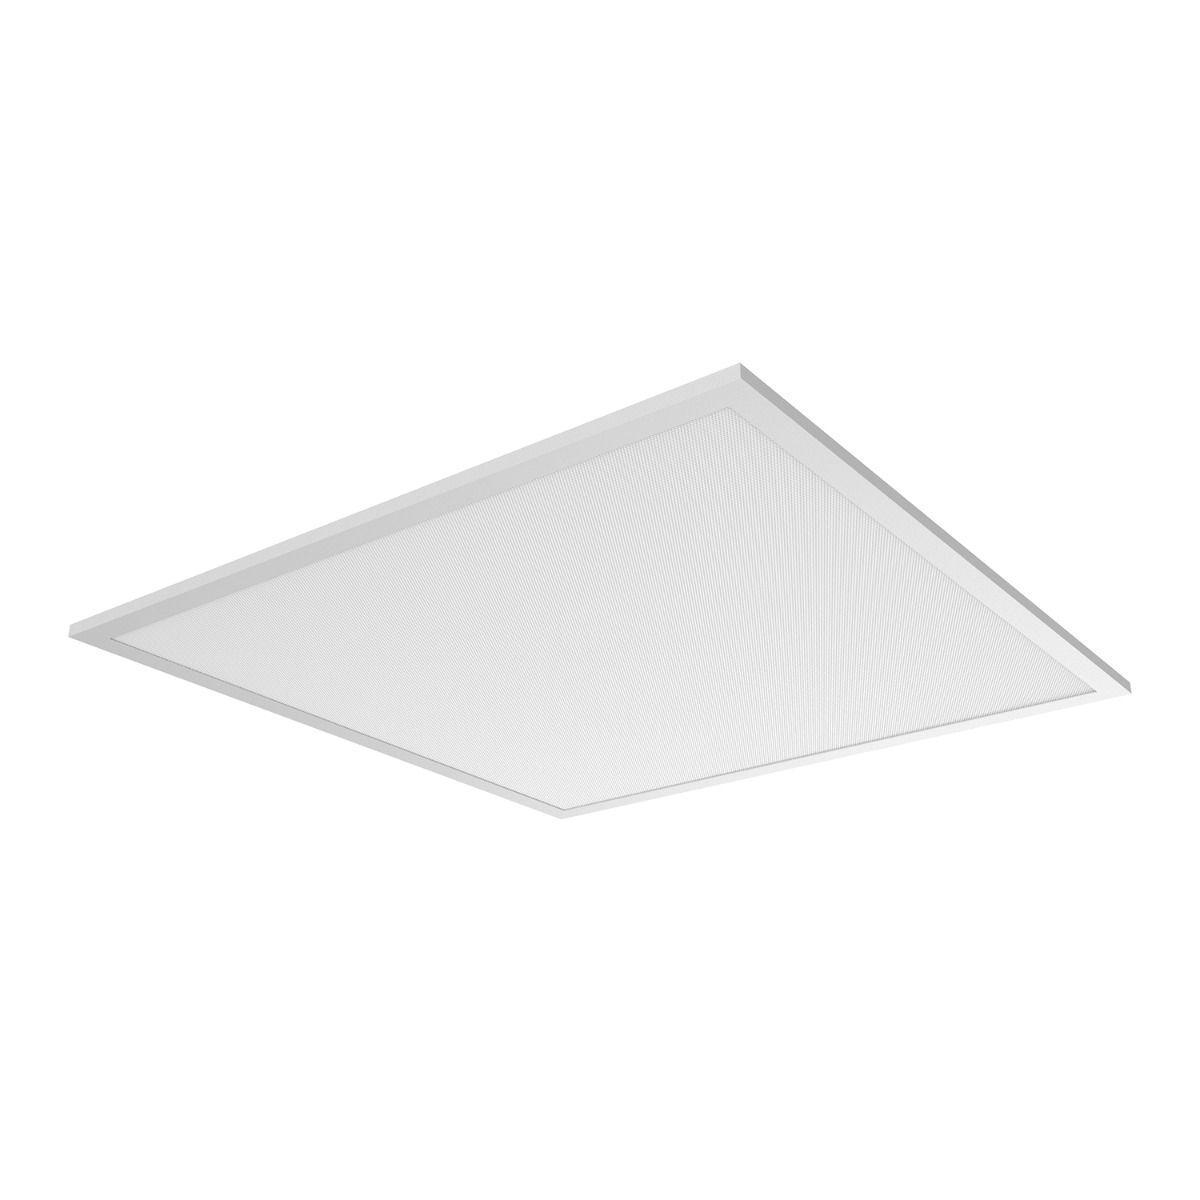 Noxion LED Paneel Delta Pro V3 Highlum 36W 4000K 5500lm 60x60cm UGR <19   Koel Wit - Vervangt 4x18W